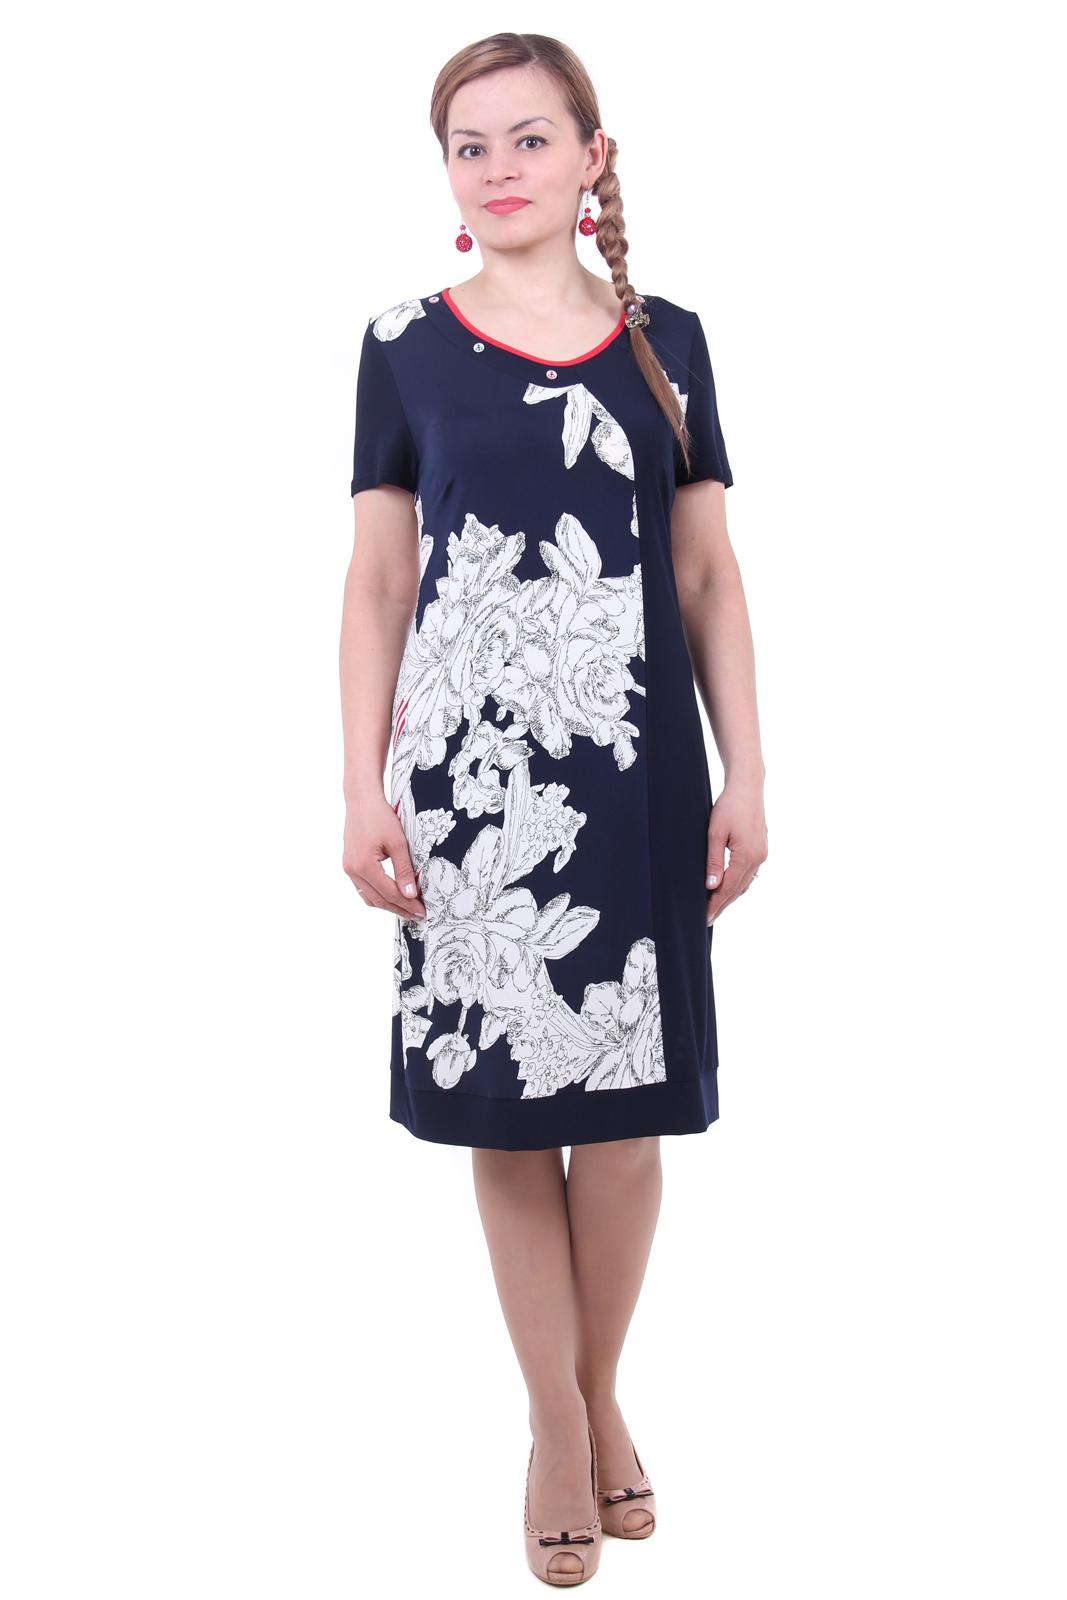 П1753 платье женское - Интернет магазин женской одежды «Шарканcкий ...  add4b352a04fca8 ... e0a1a55227e83